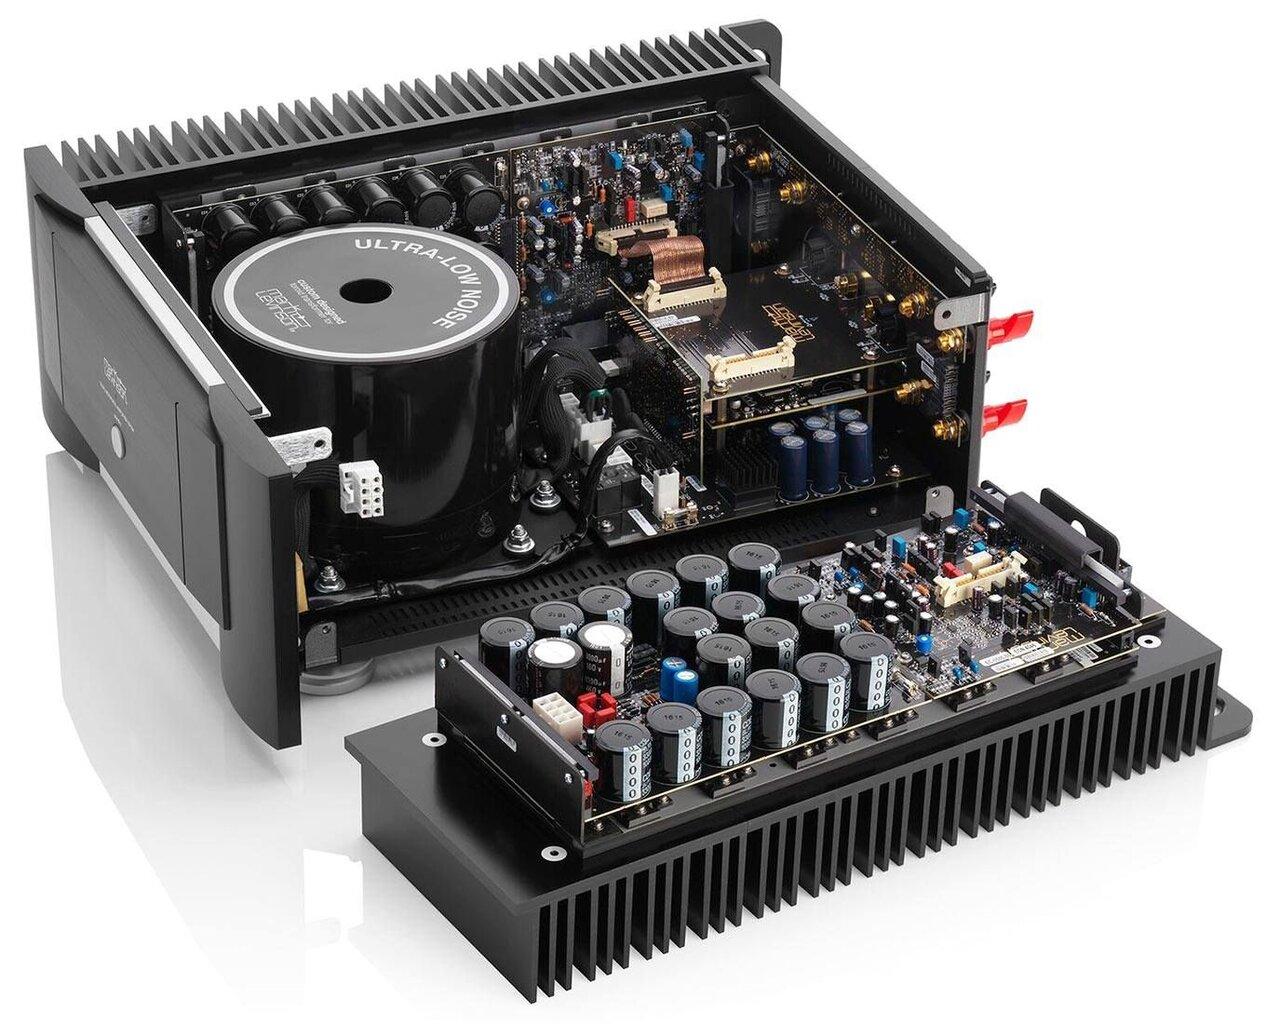 D307C3AD-B2ED-44D2-A835-665145E151DE.jpeg